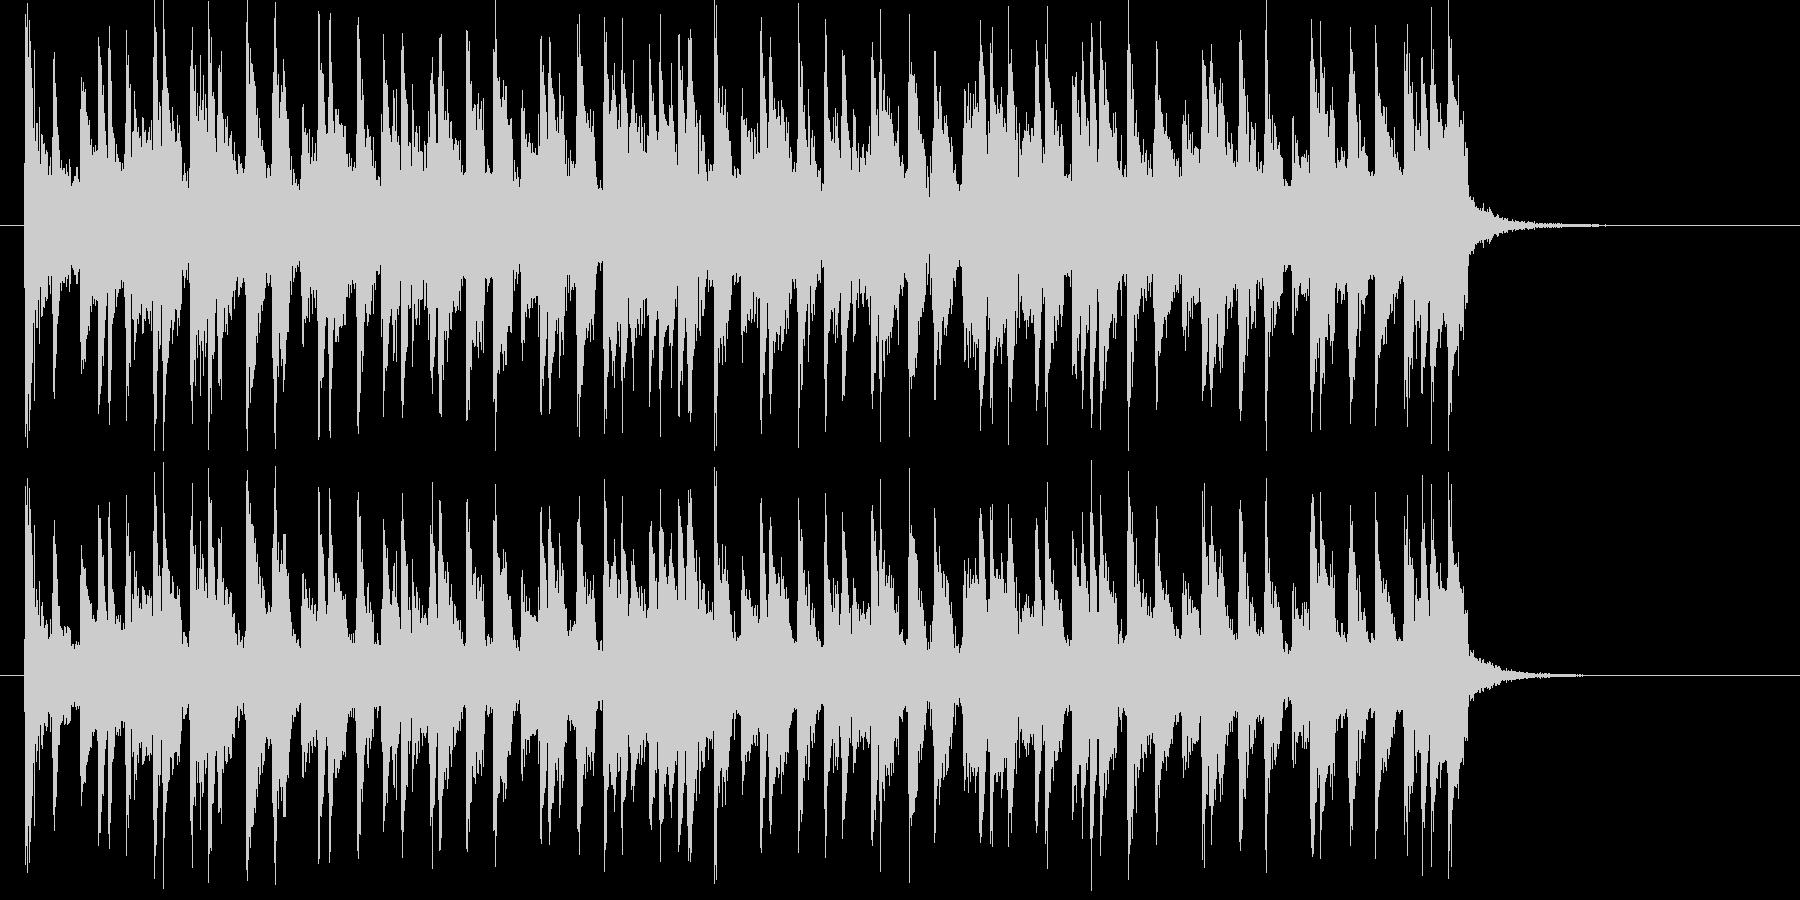 和やかで可愛らしいミュージックの未再生の波形